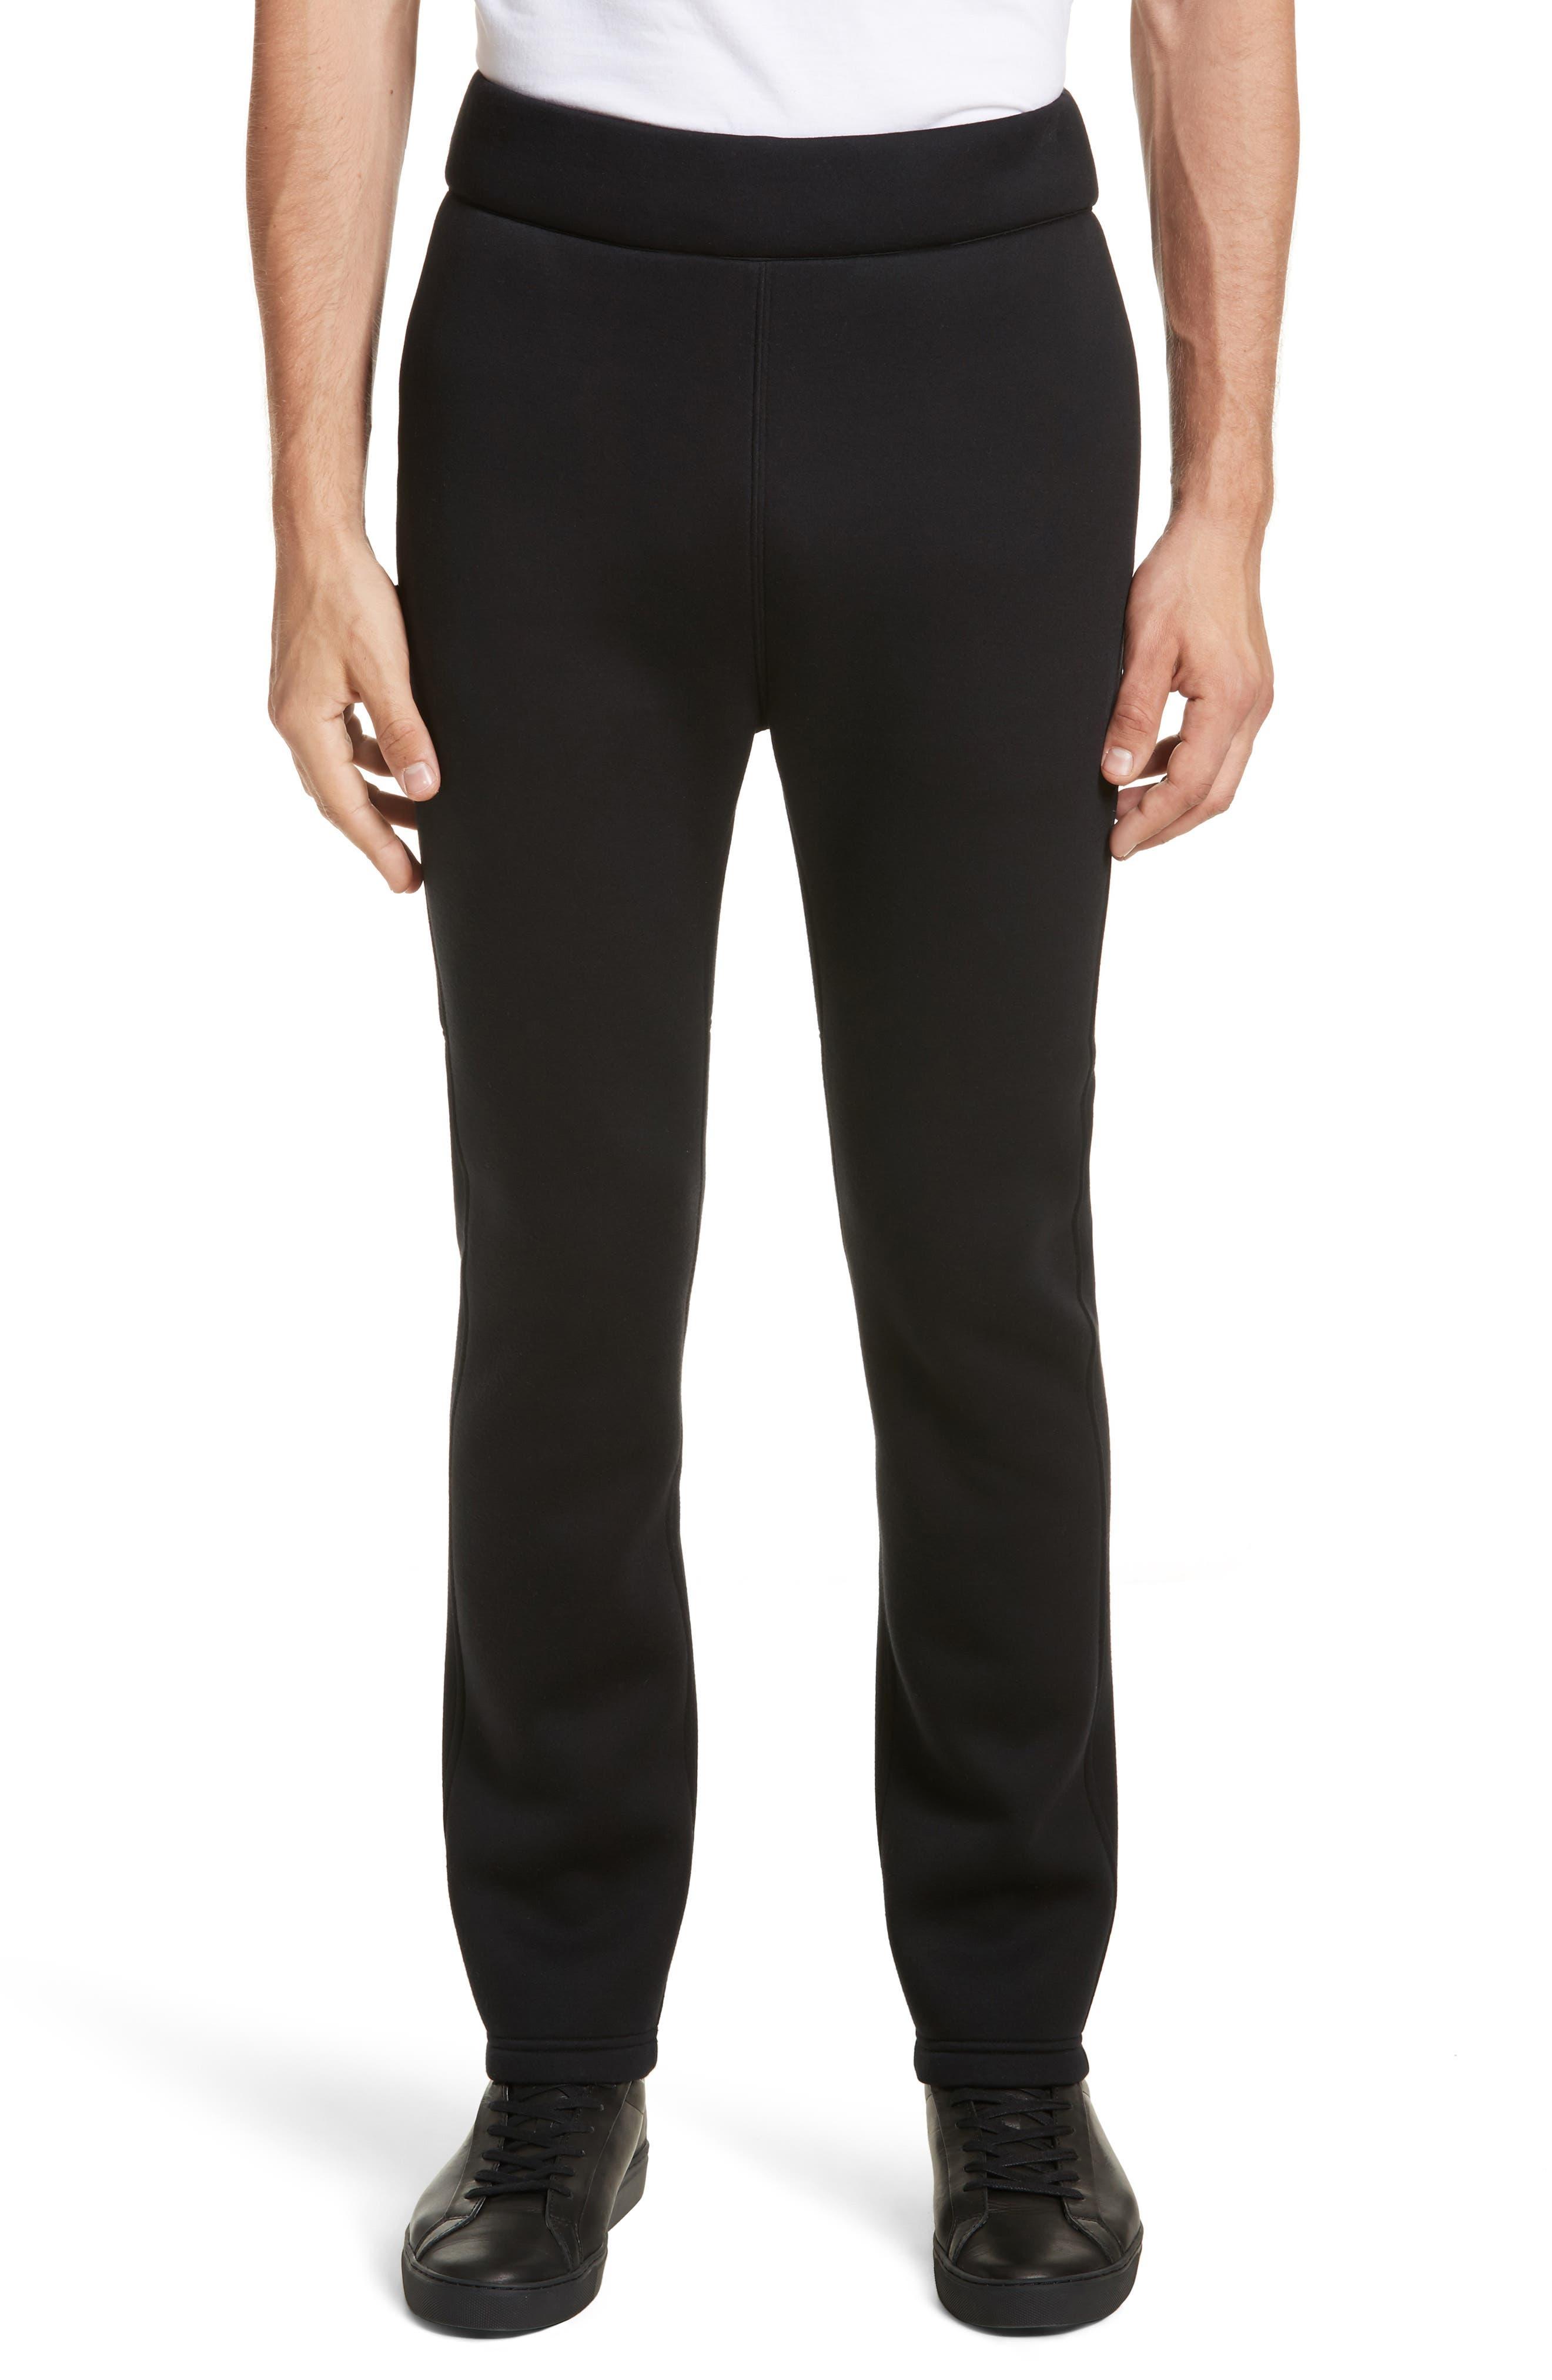 Straight Leg Jogger Pants,                             Main thumbnail 1, color,                             Black